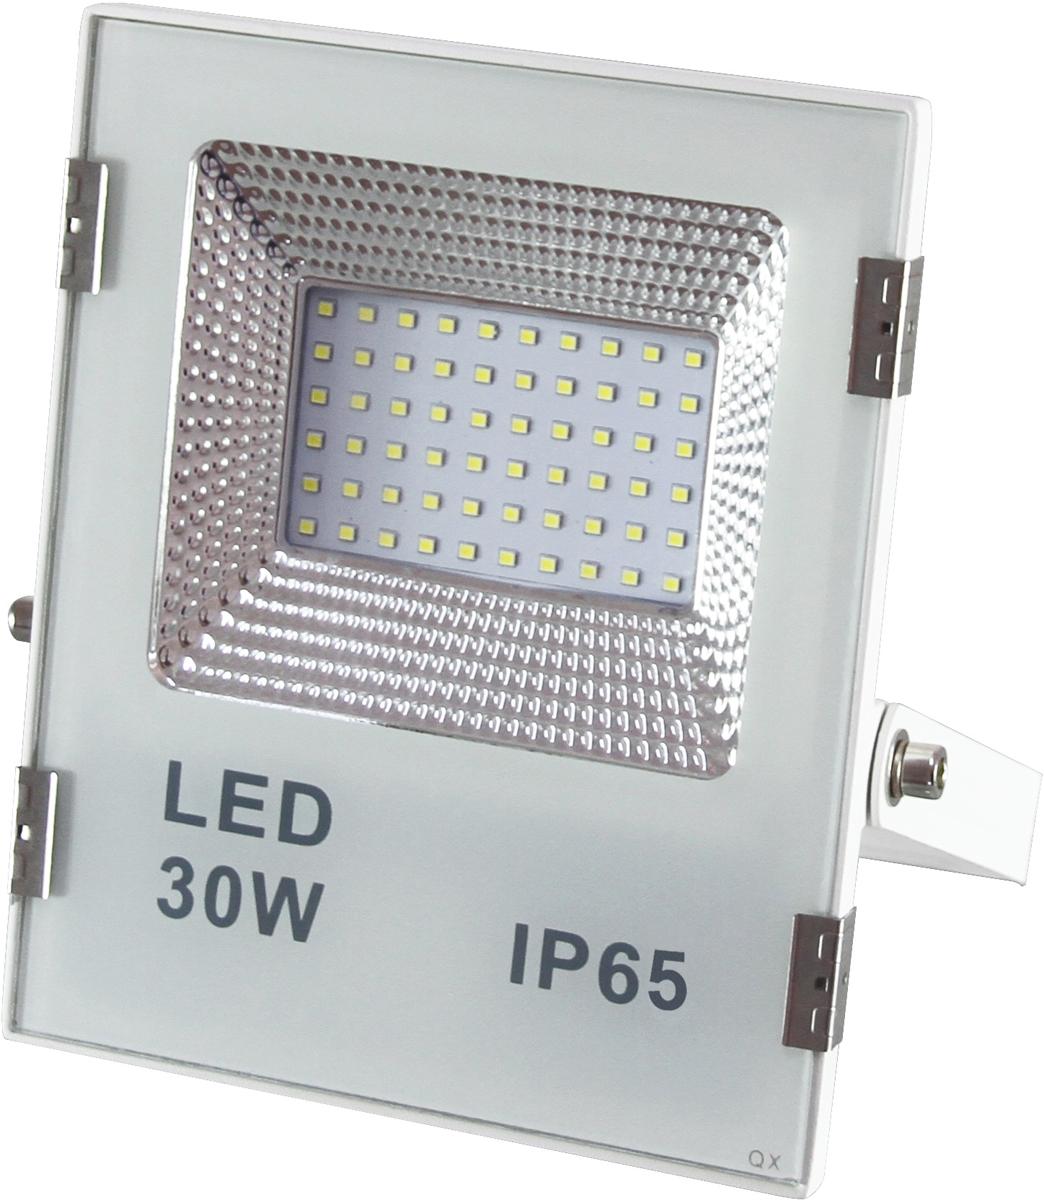 FE-ZS30LED - светодиодный прожектор, предназначенный для освещения большого пространства или подсветки объектов и сооружений различного назначения. Высокая степень защиты от любых погодных условий IP65. Потребляемая мощность 30 Вт. Световой поток 2400 Лм.